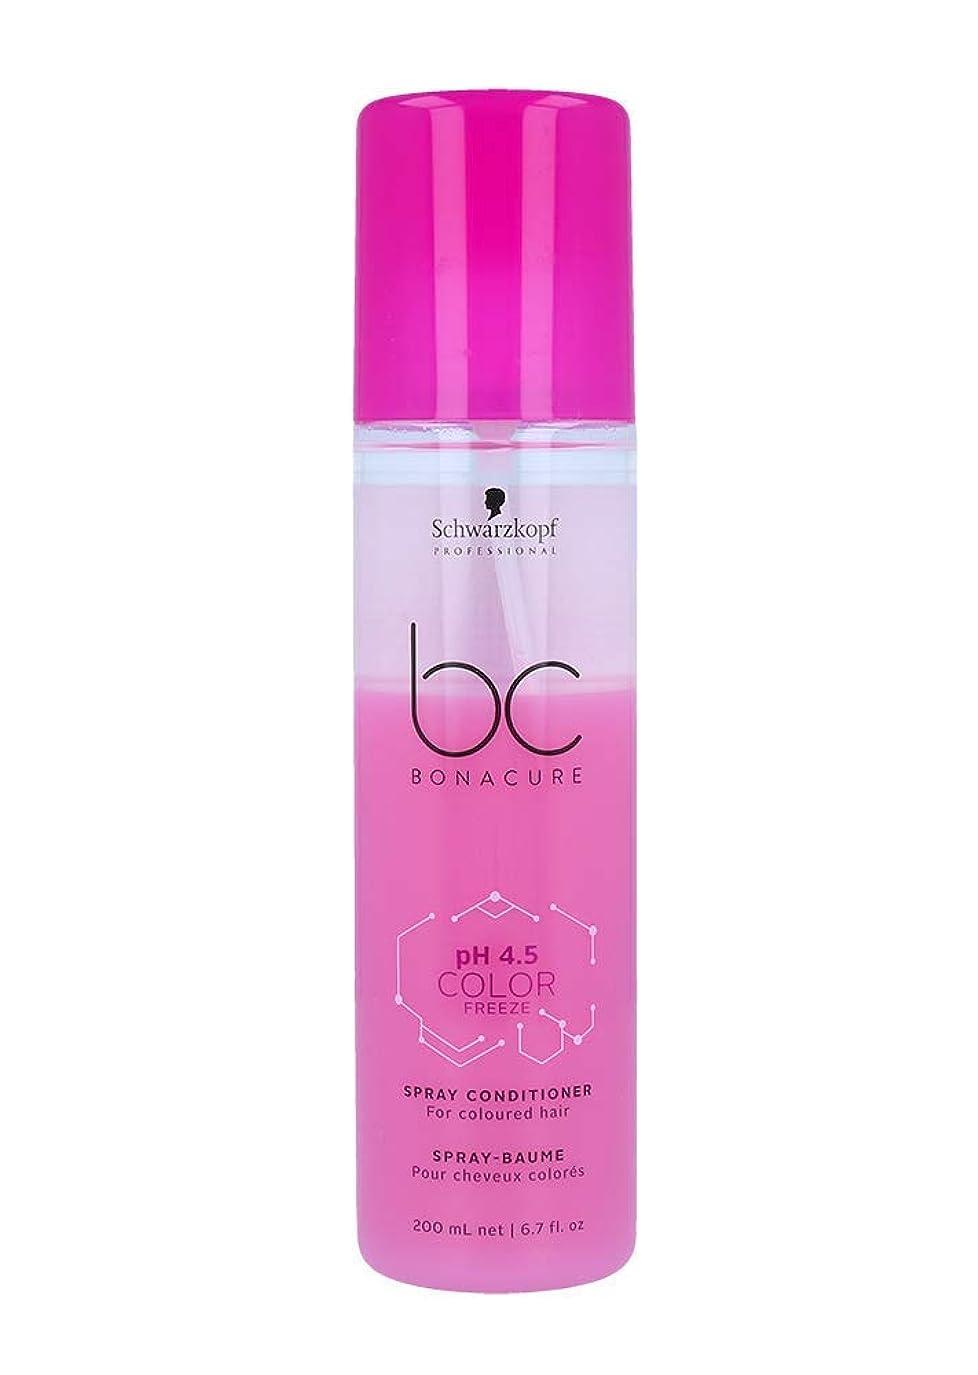 トーストダウンタウン小説シュワルツコフ BC pH 4.5 カラー フリーズ スプレー コンディショナー Schwarzkopf BC Bonacure pH 4.5 Color Freeze Spray Conditioner For Coloured Hair 200 ml [並行輸入品]